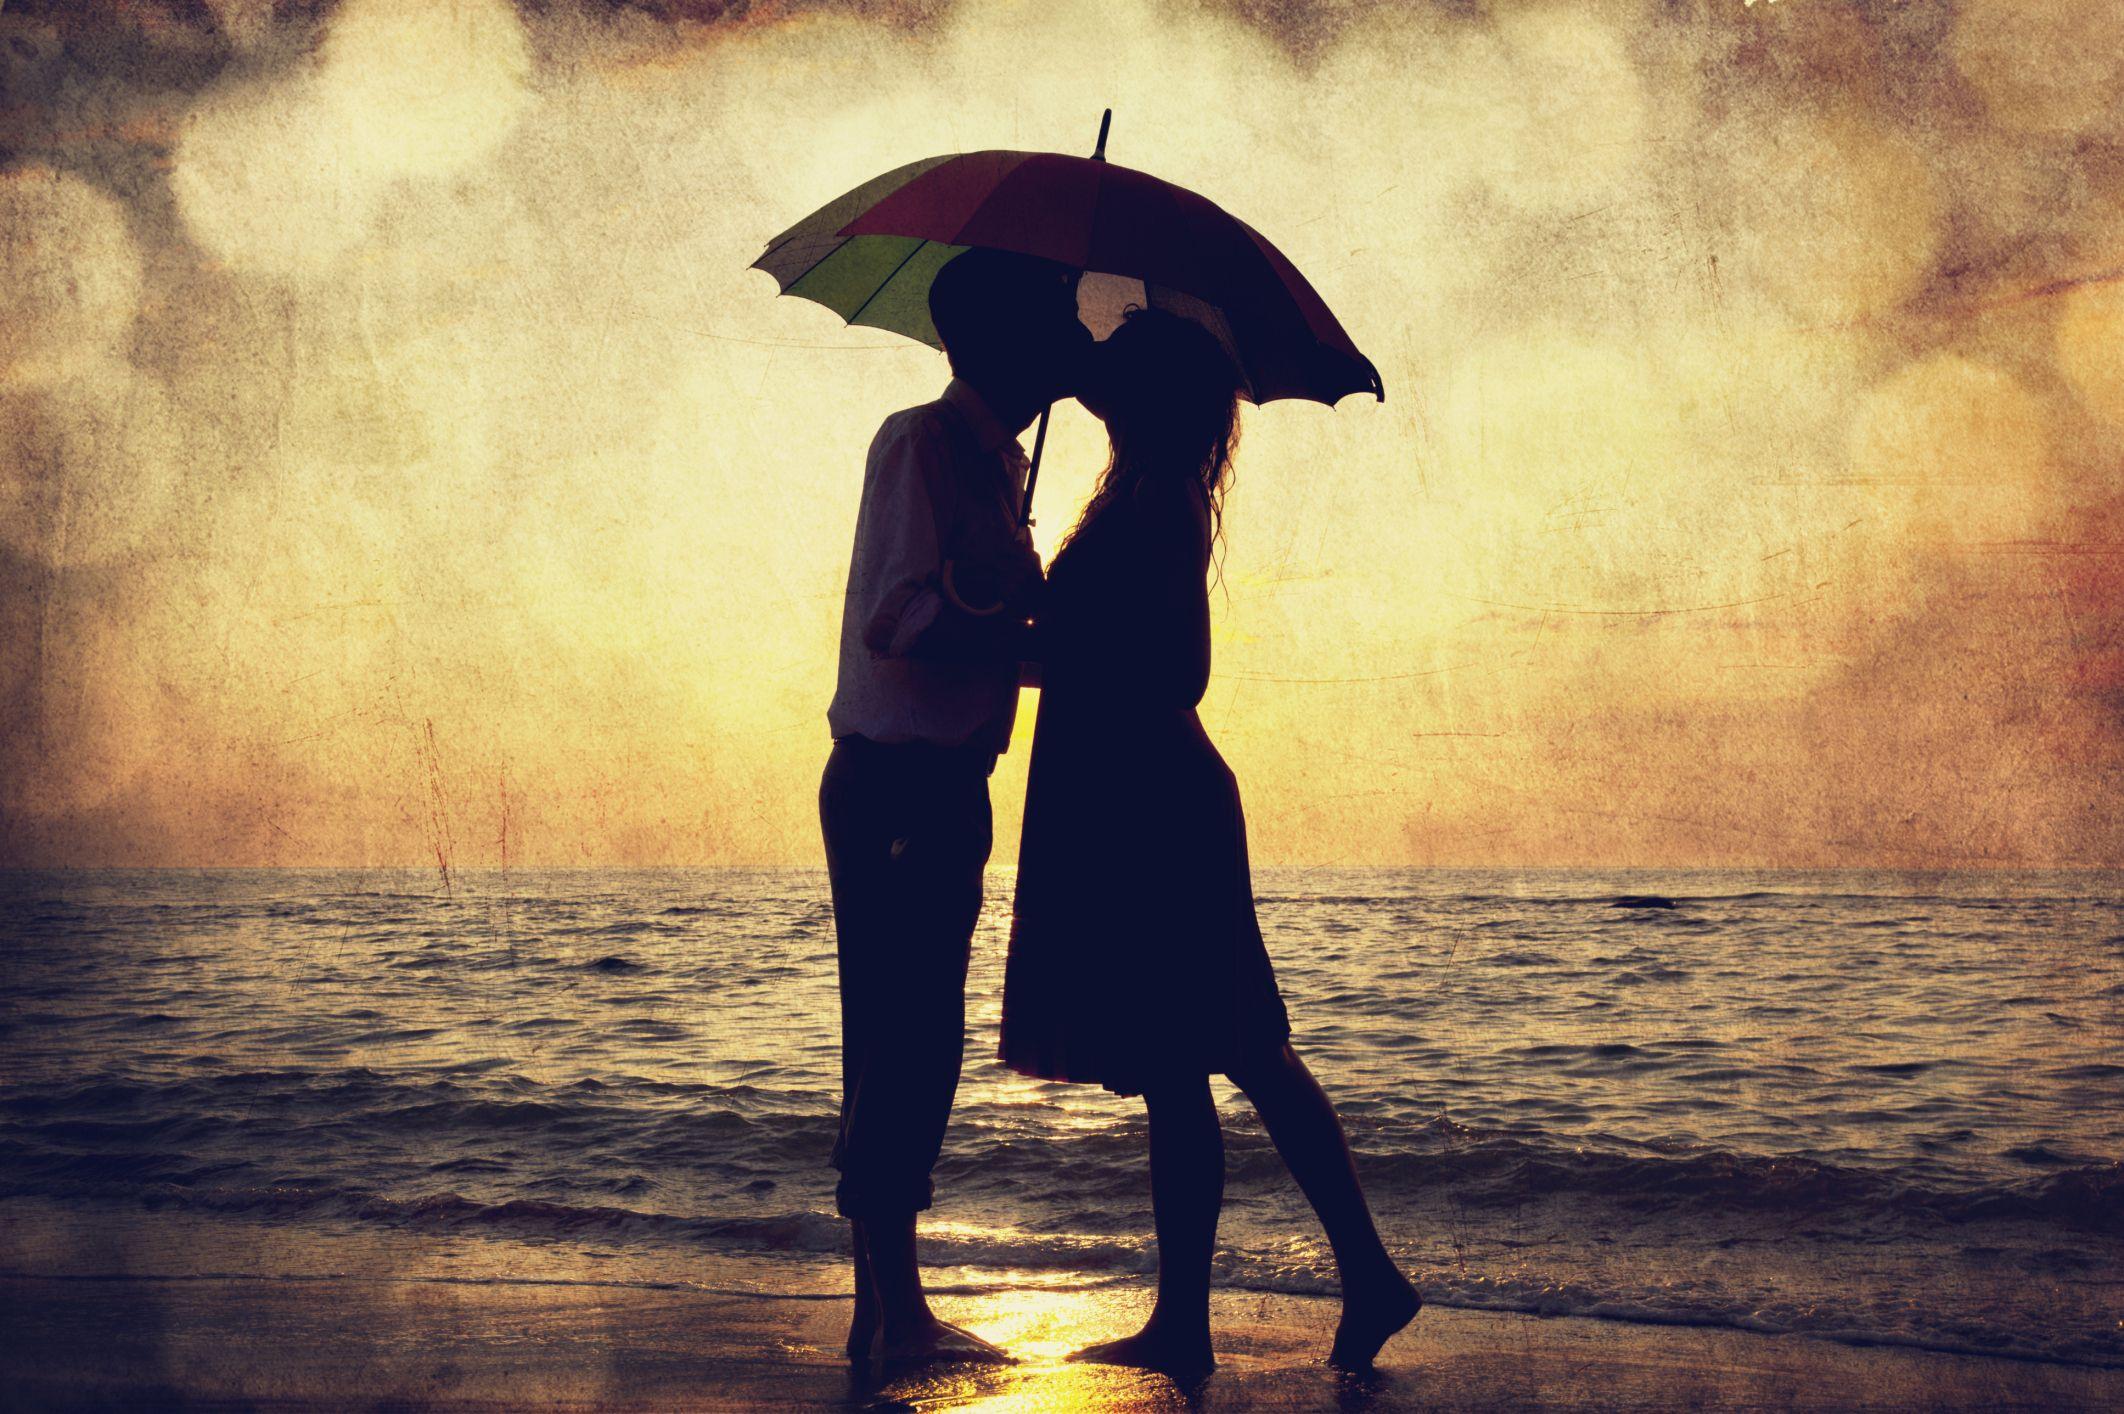 بالصور صورعن الحب , اروع صور عن الحب 2019 3252 9